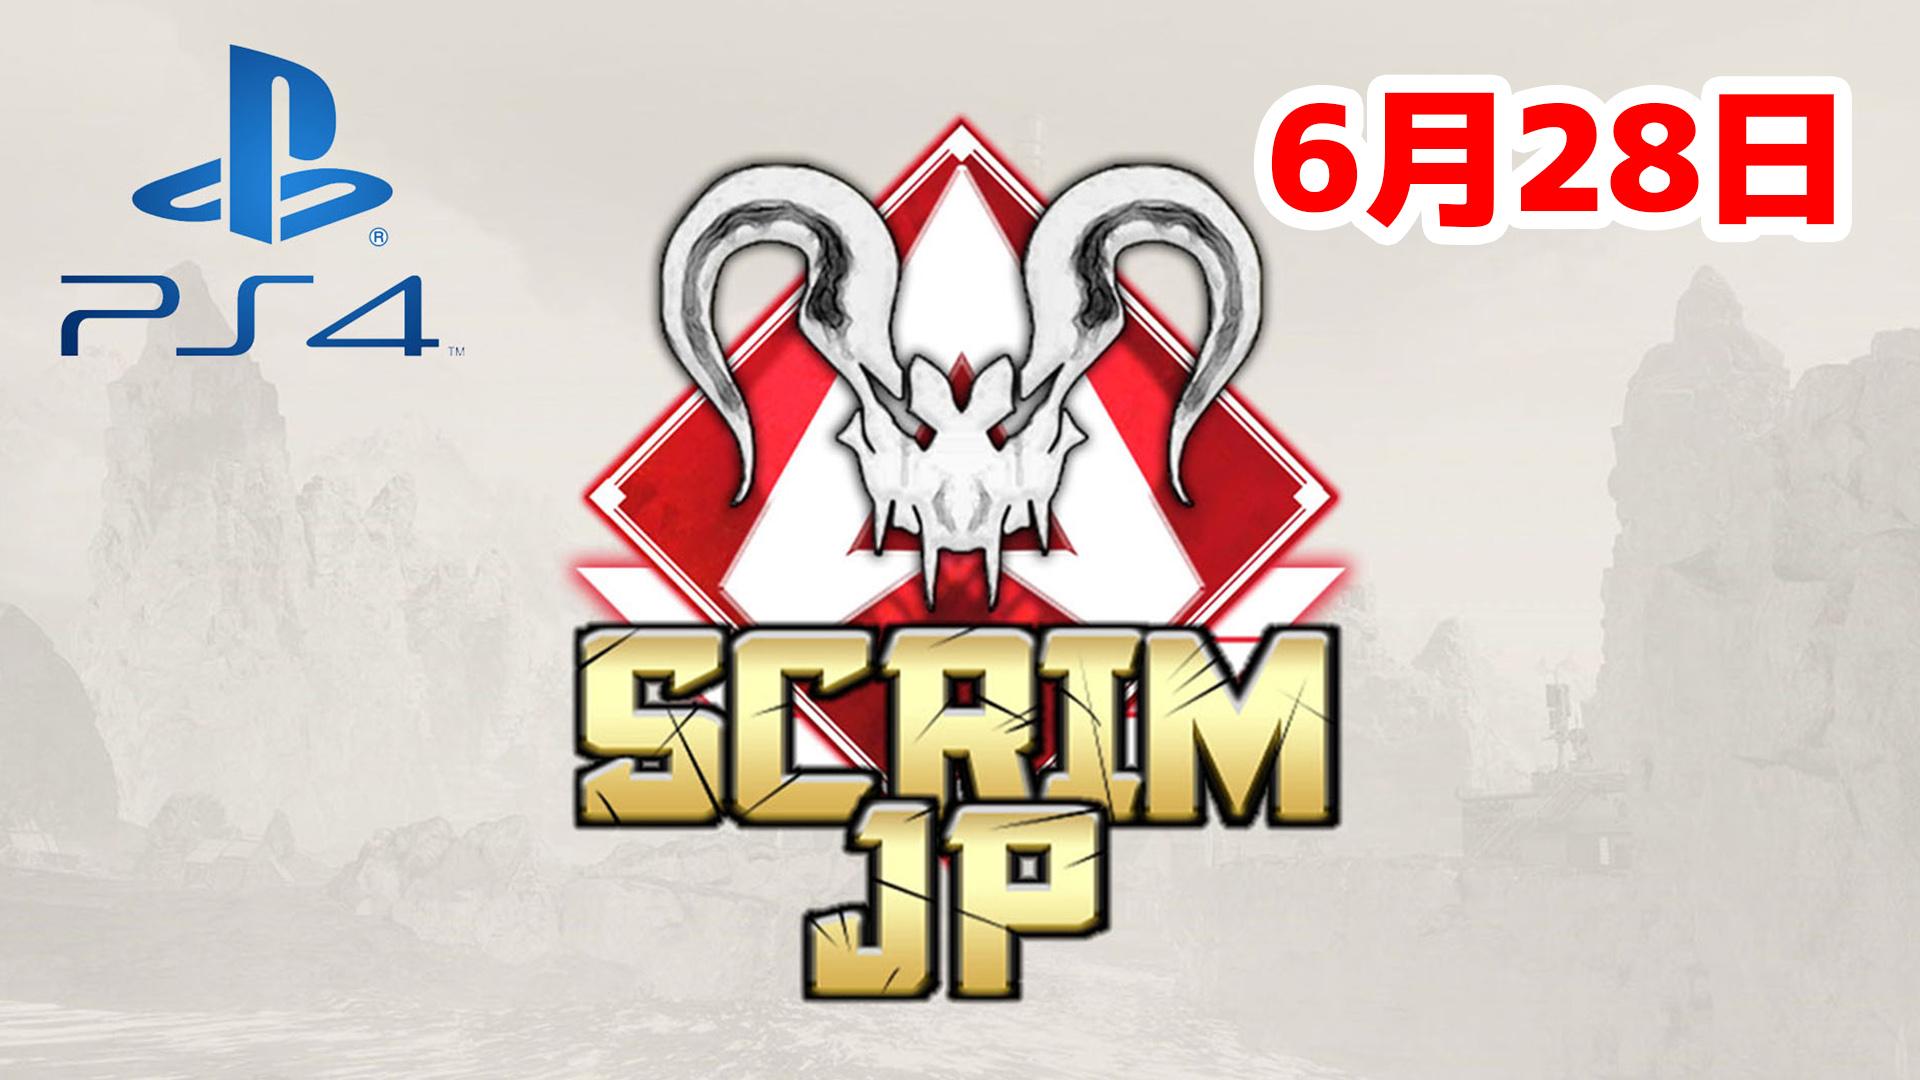 【大会アーカイブ】Apex Legends Scrim JP -Predators PS4-【2020/06/28】